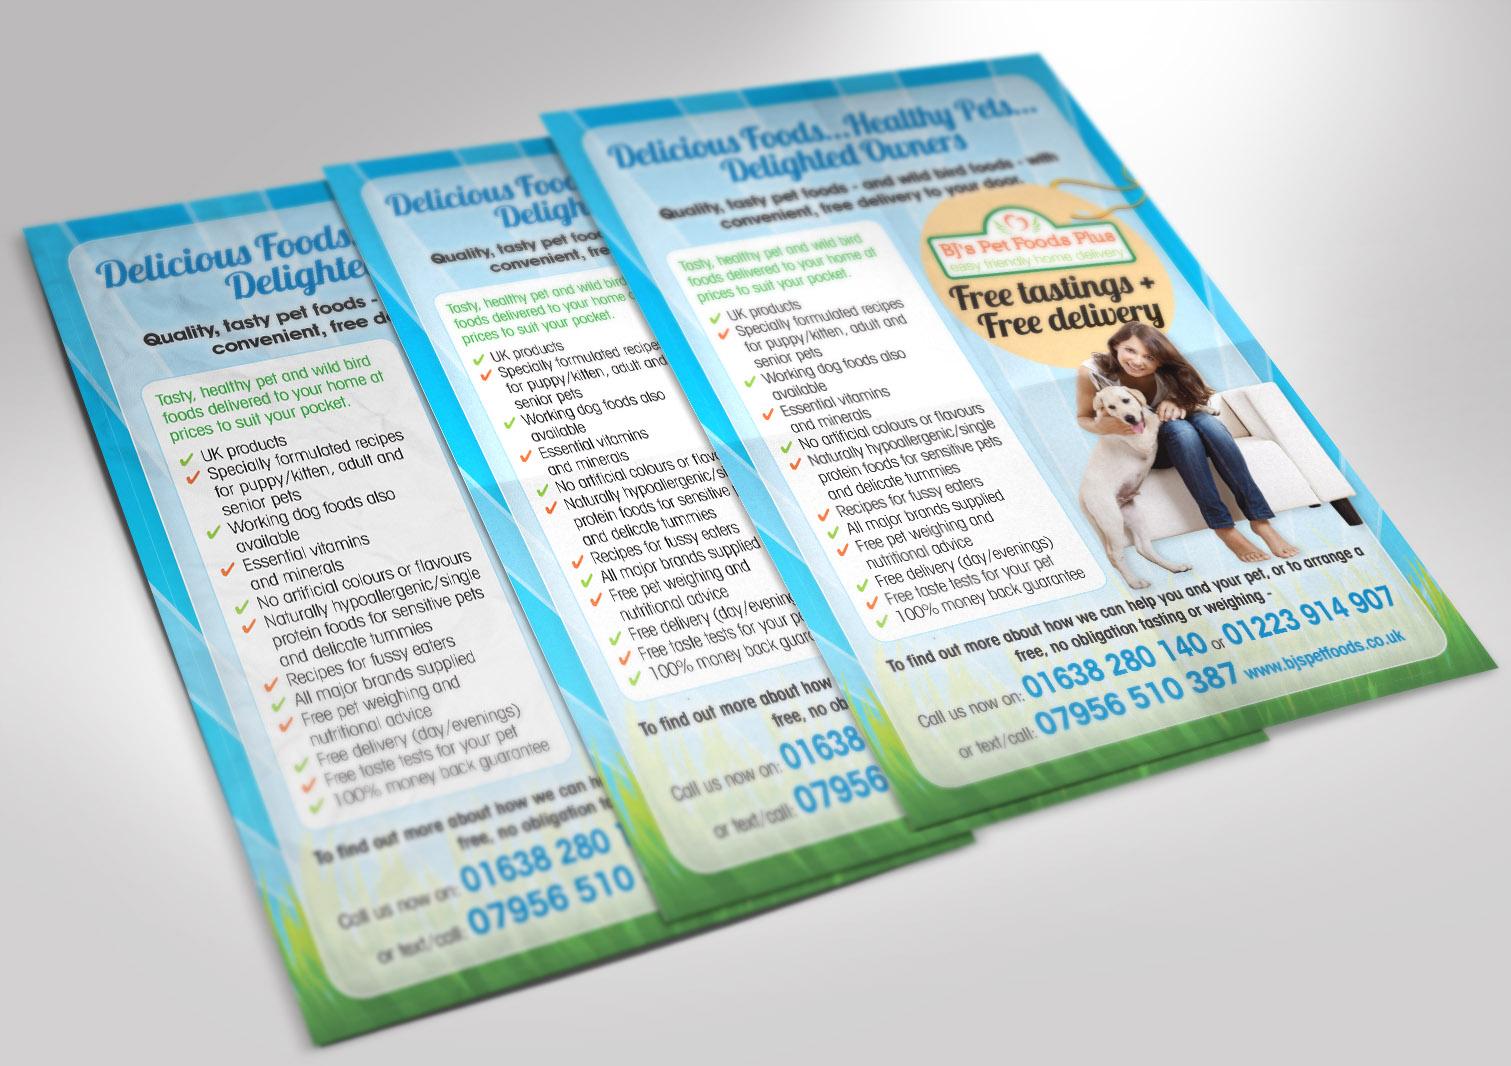 BJ's Pet Foods Plus A5 Leaflet Front